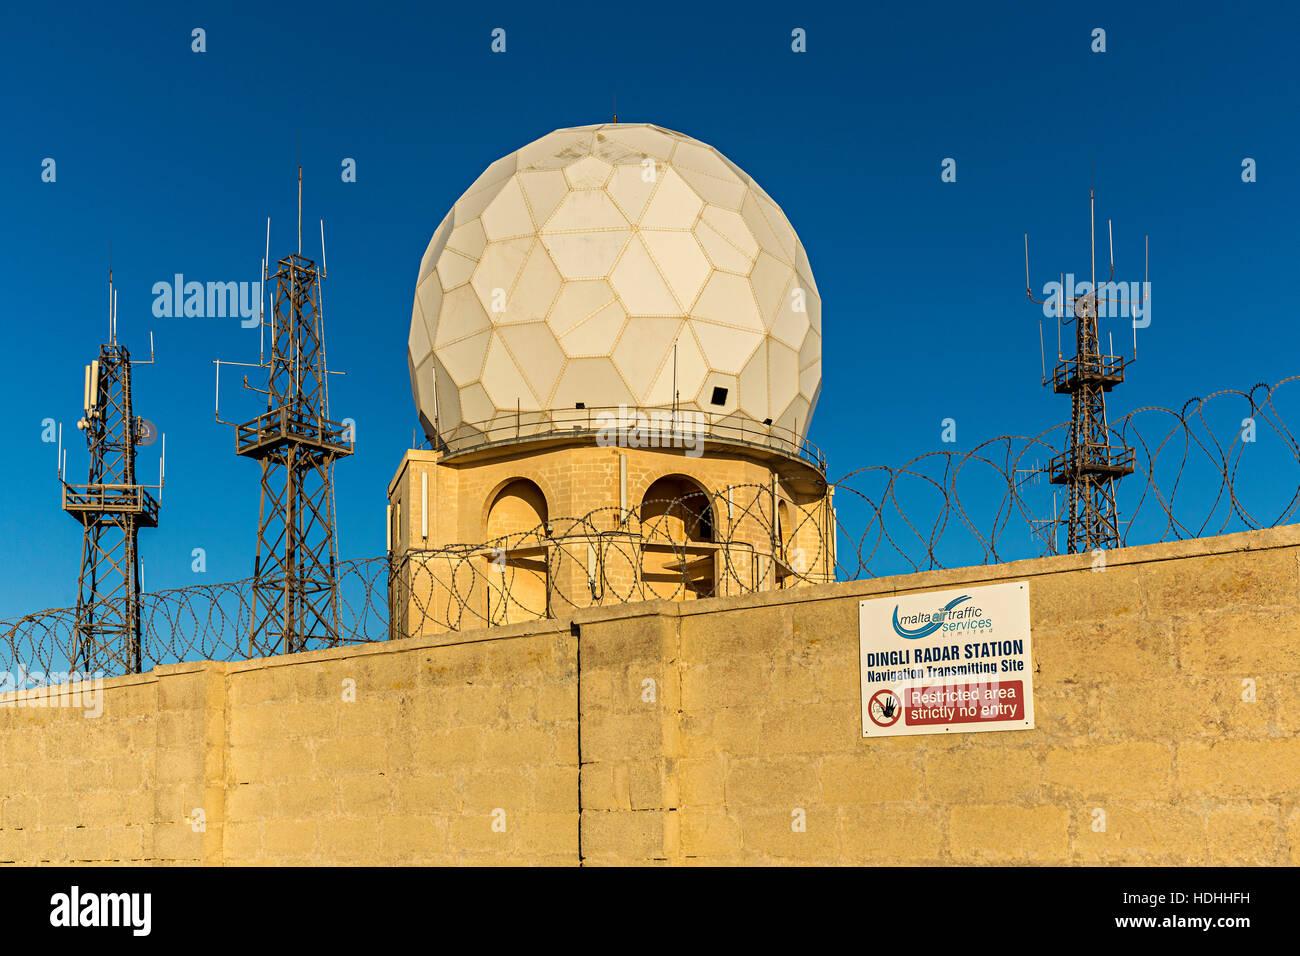 Dingli Radar Station for navigational tracking, Malta - Stock Image